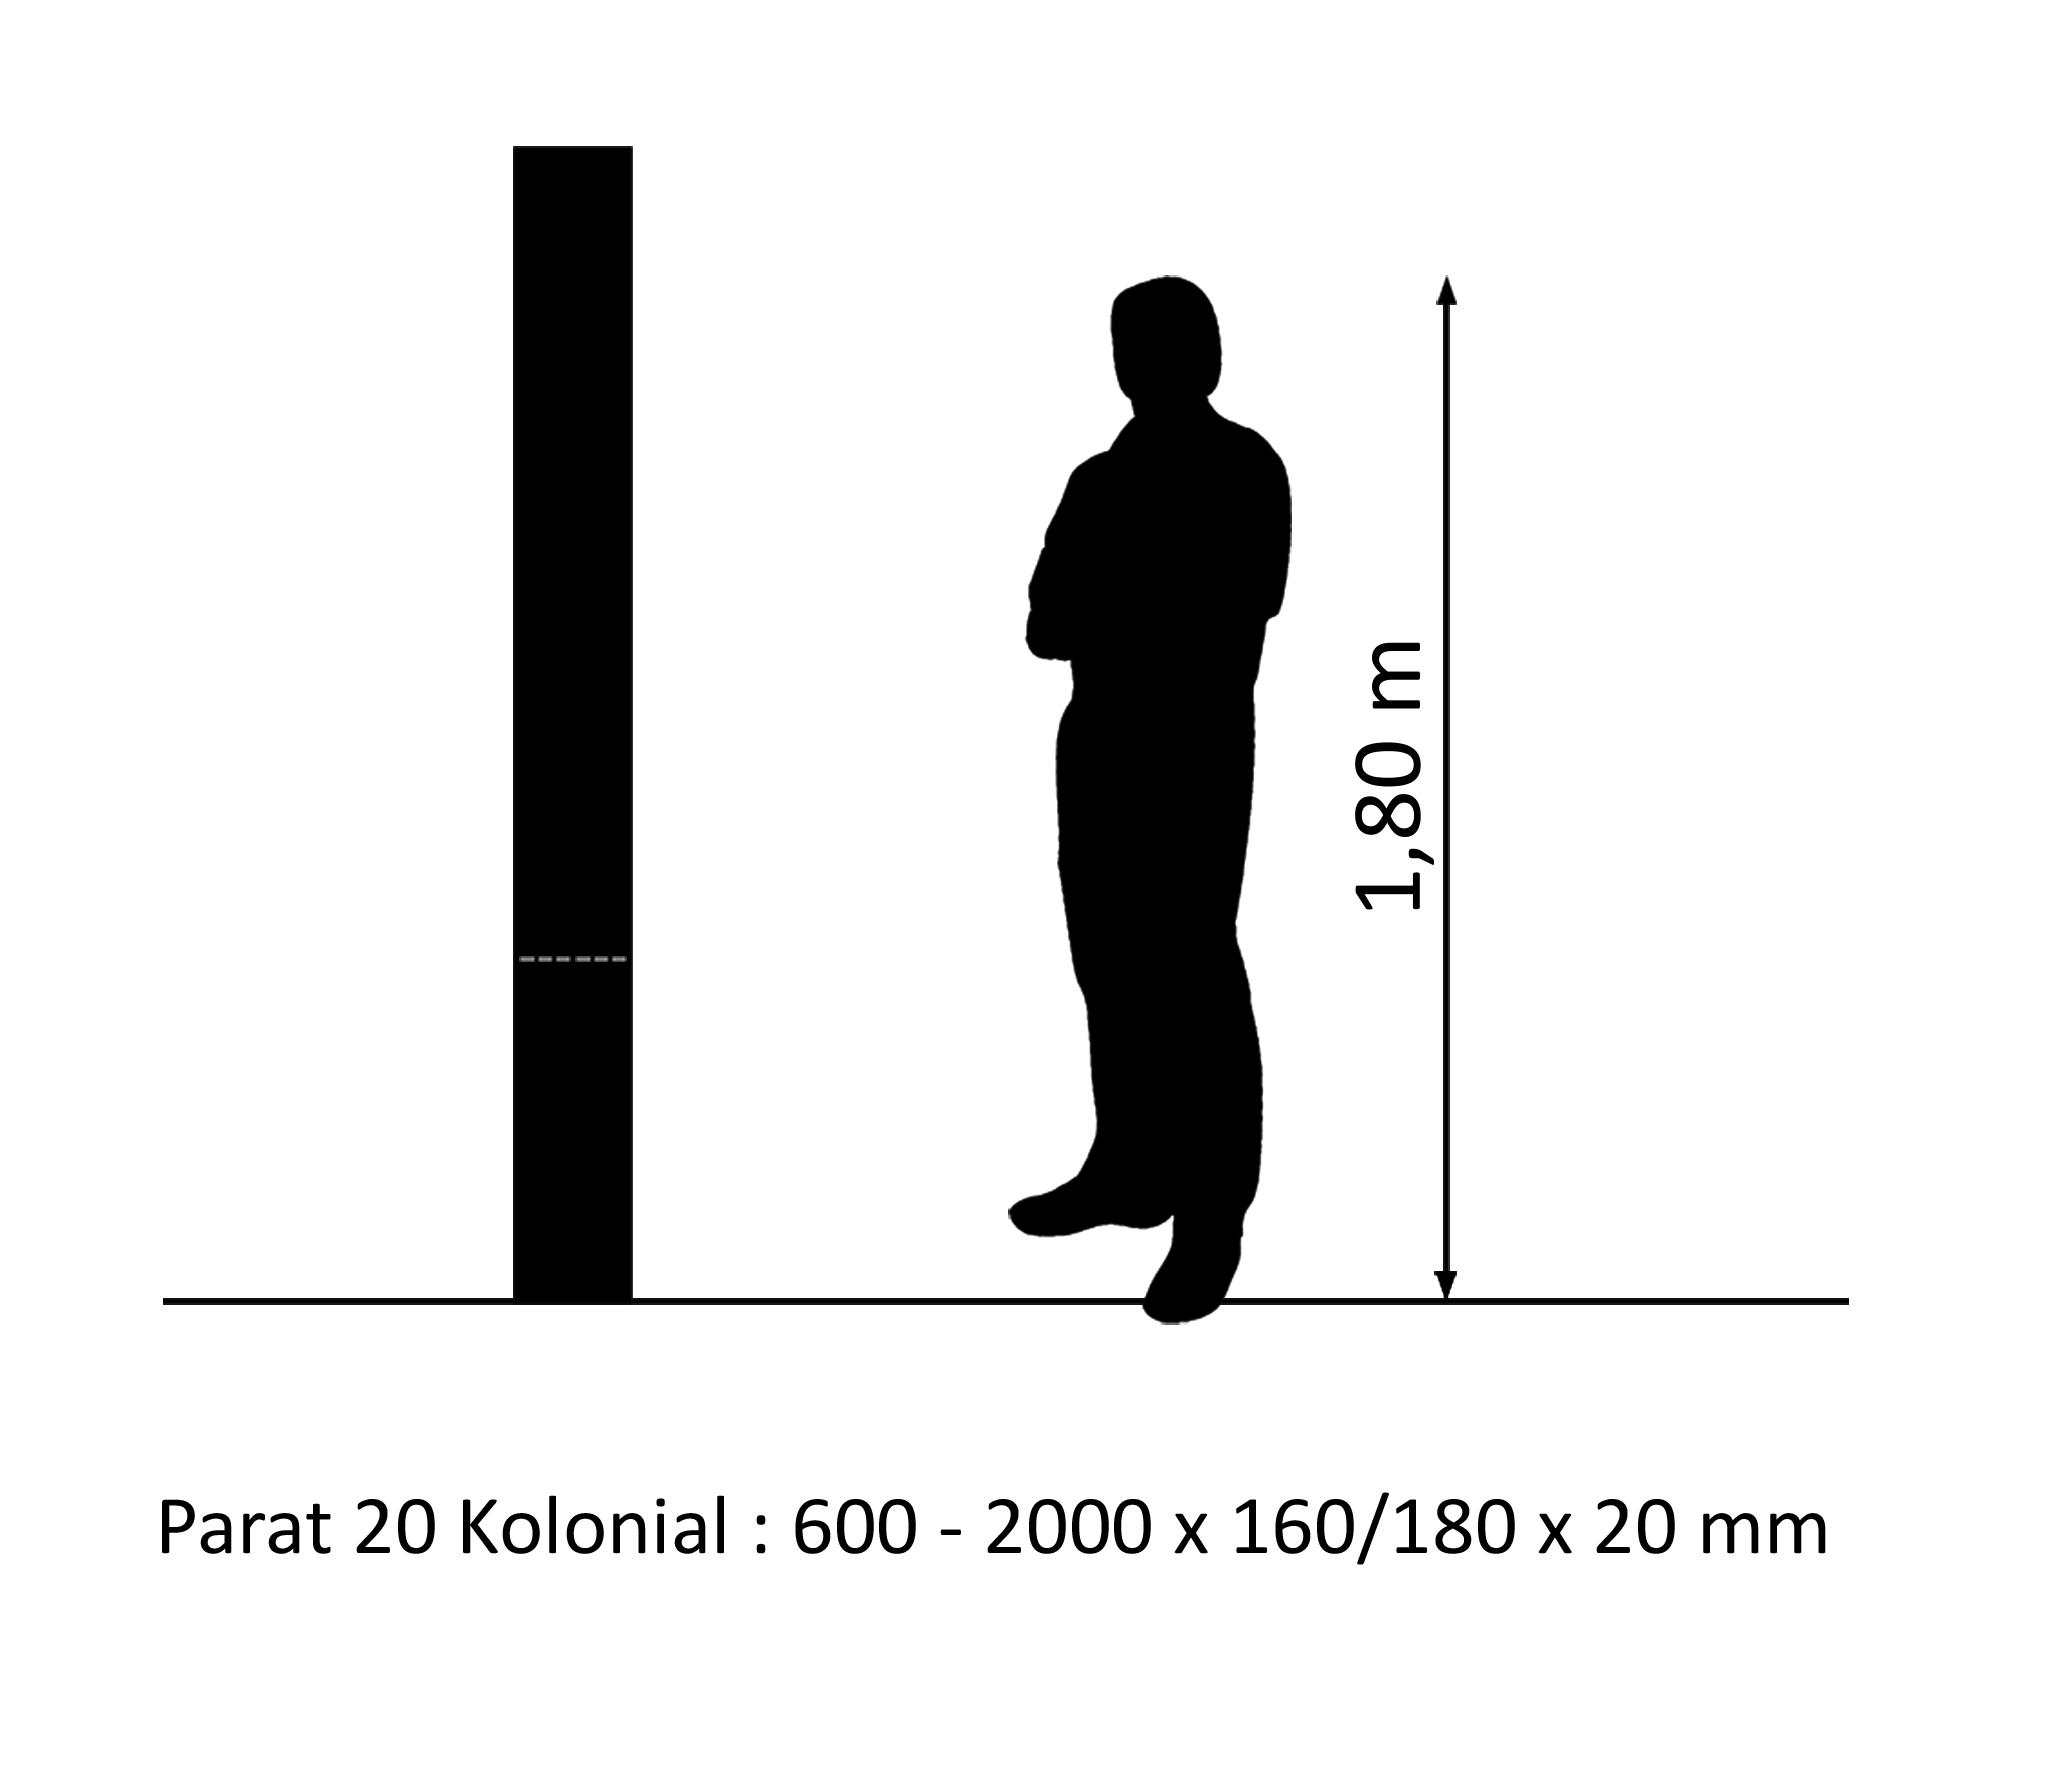 PARAT 20 Kolonial Eiche Columbia 20mm